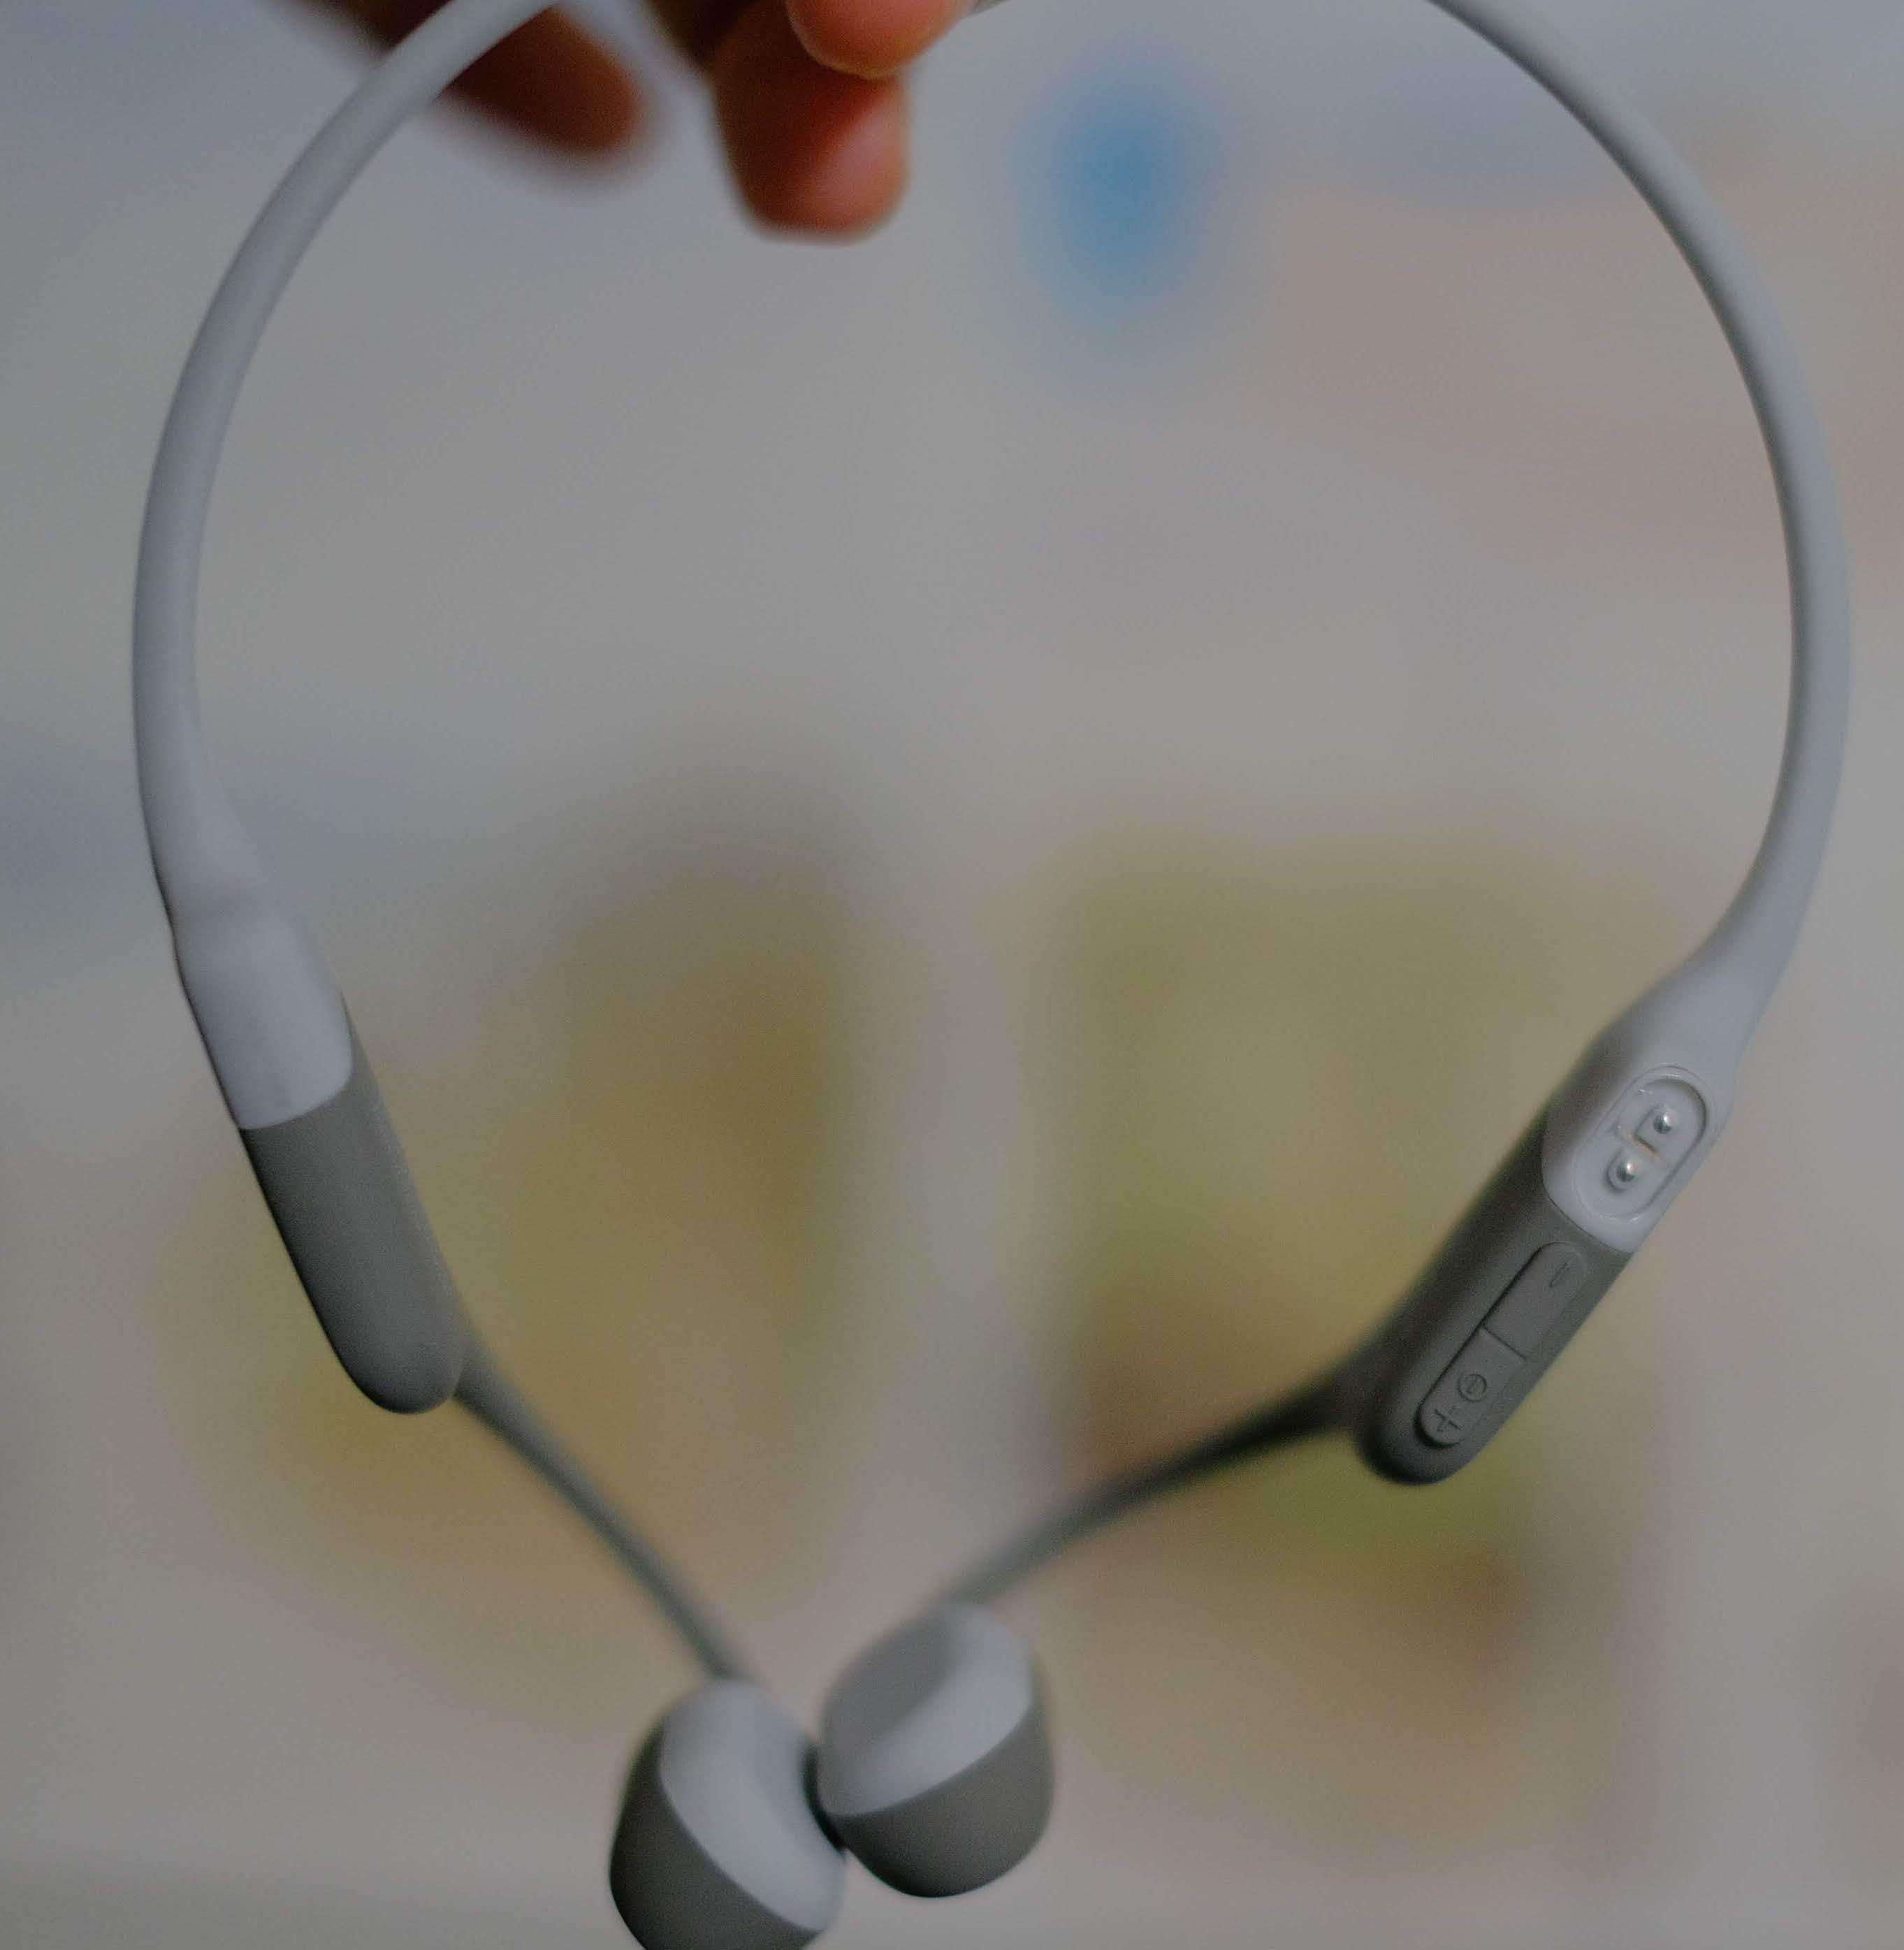 骨伝導ワイヤレスヘッドホンAfterShokz Aeropex がかなり良い!_b0024832_23435917.jpg